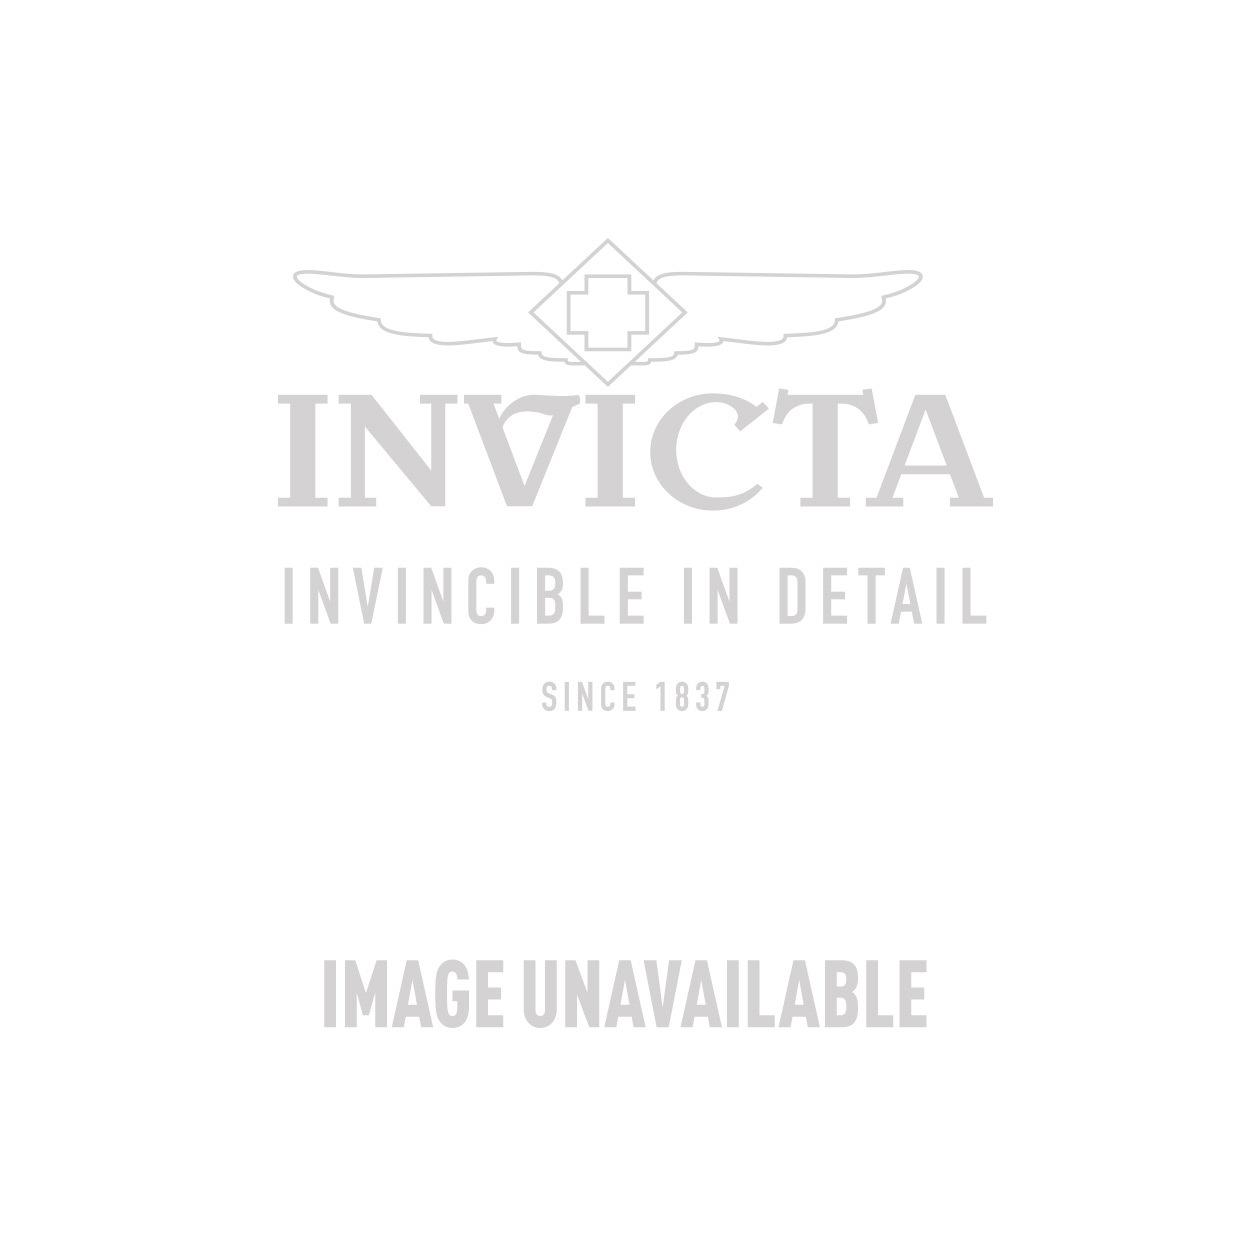 Invicta Model 28315